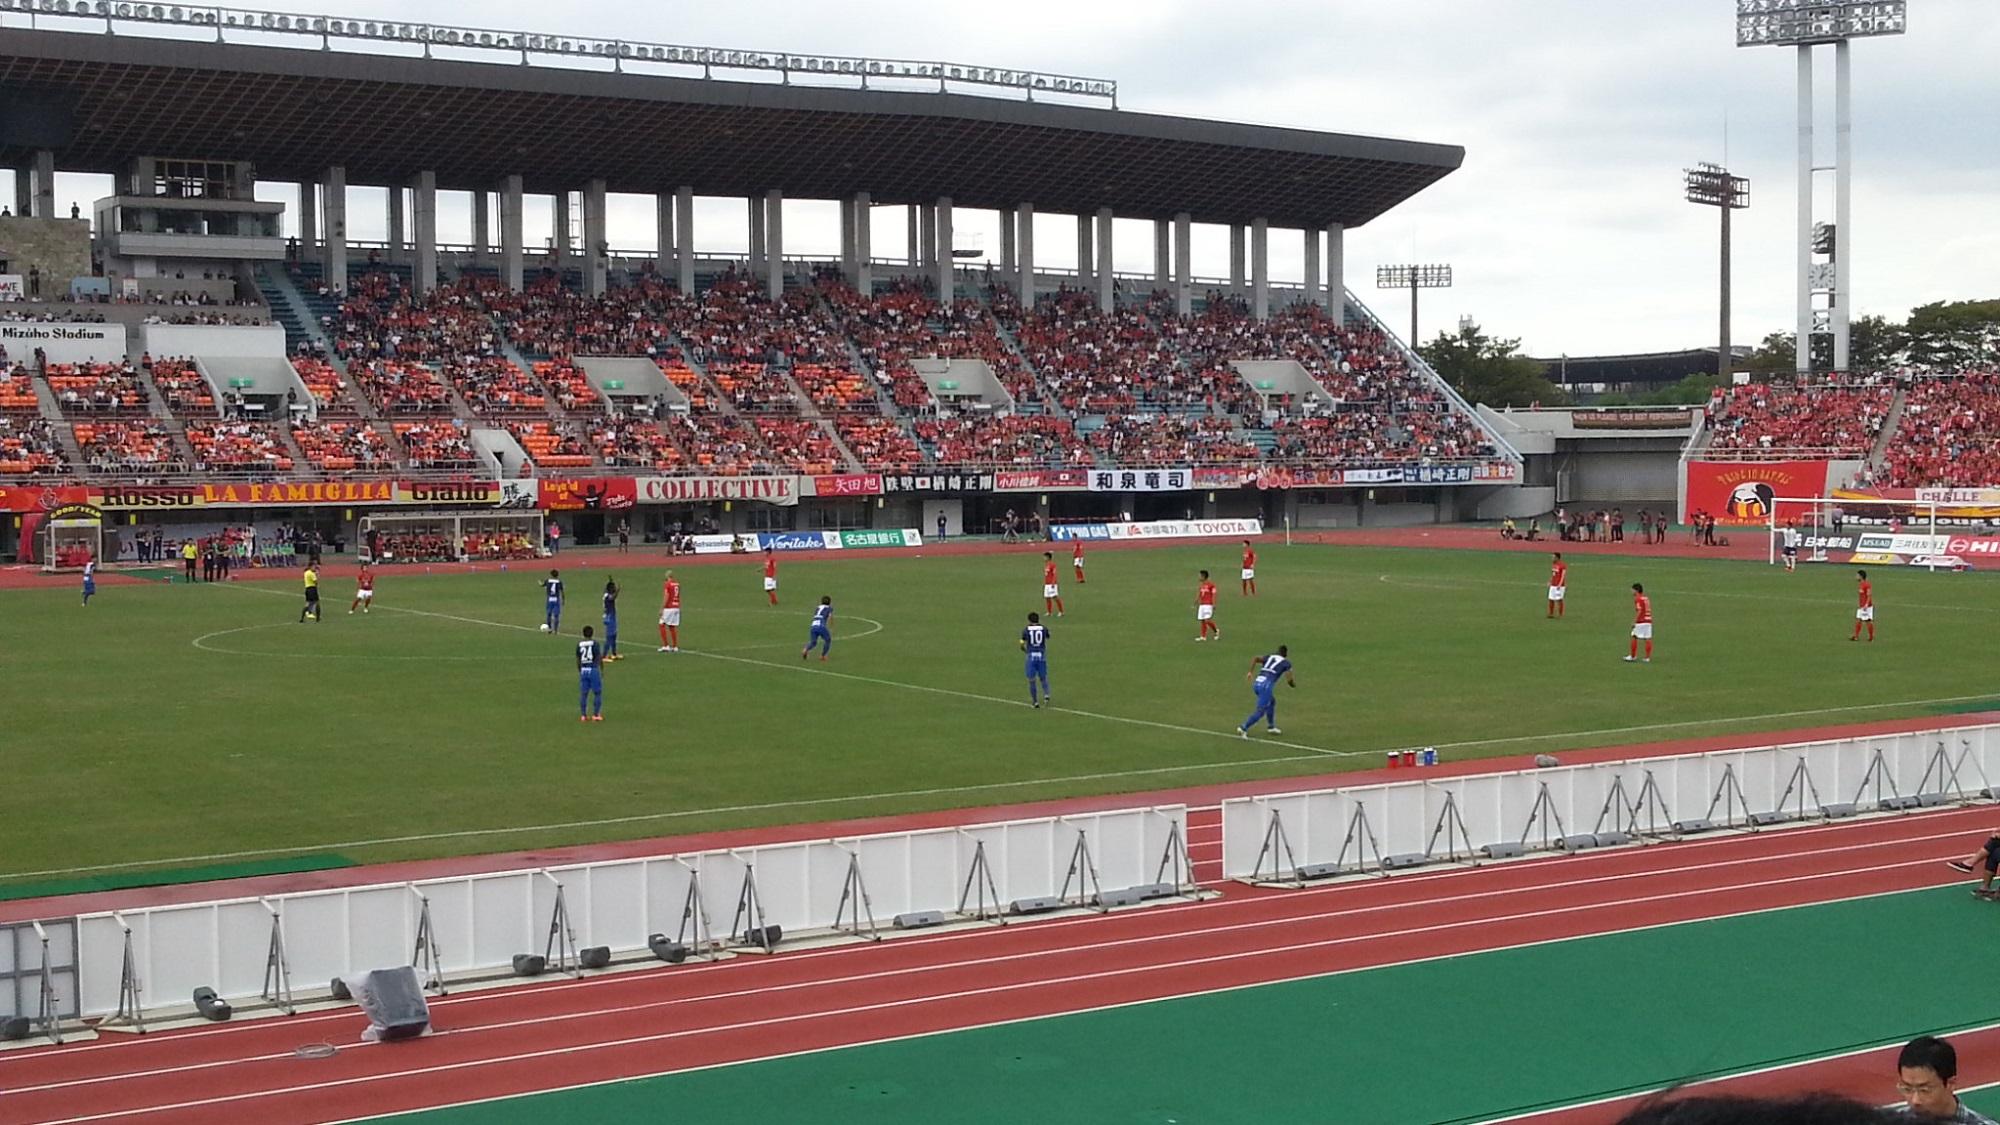 20161001_140406 パロマ瑞穂スタジアム - グランパスたいアビスパ (6)